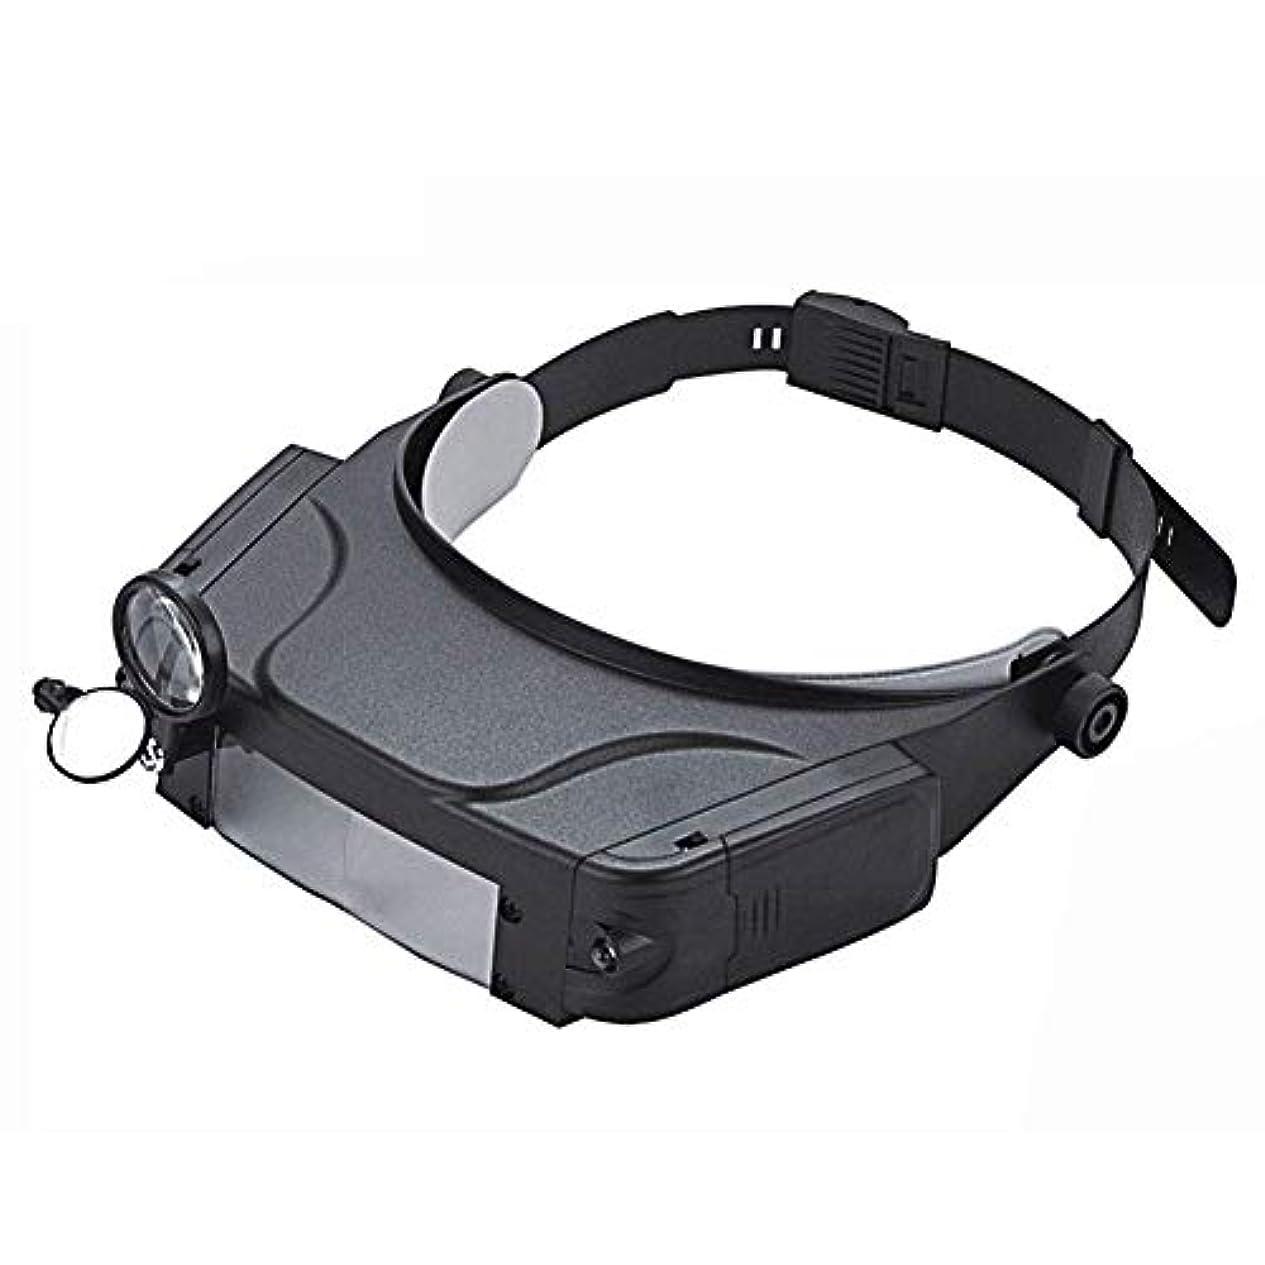 作成者桃マーチャンダイザー照明付きヘッドセット拡大鏡、1.5倍、3倍、6.5倍、8倍、2 Ledライト付きヘッドフリー拡大鏡、電子機器用まつげクラフトジュエリーサーキット時計修理